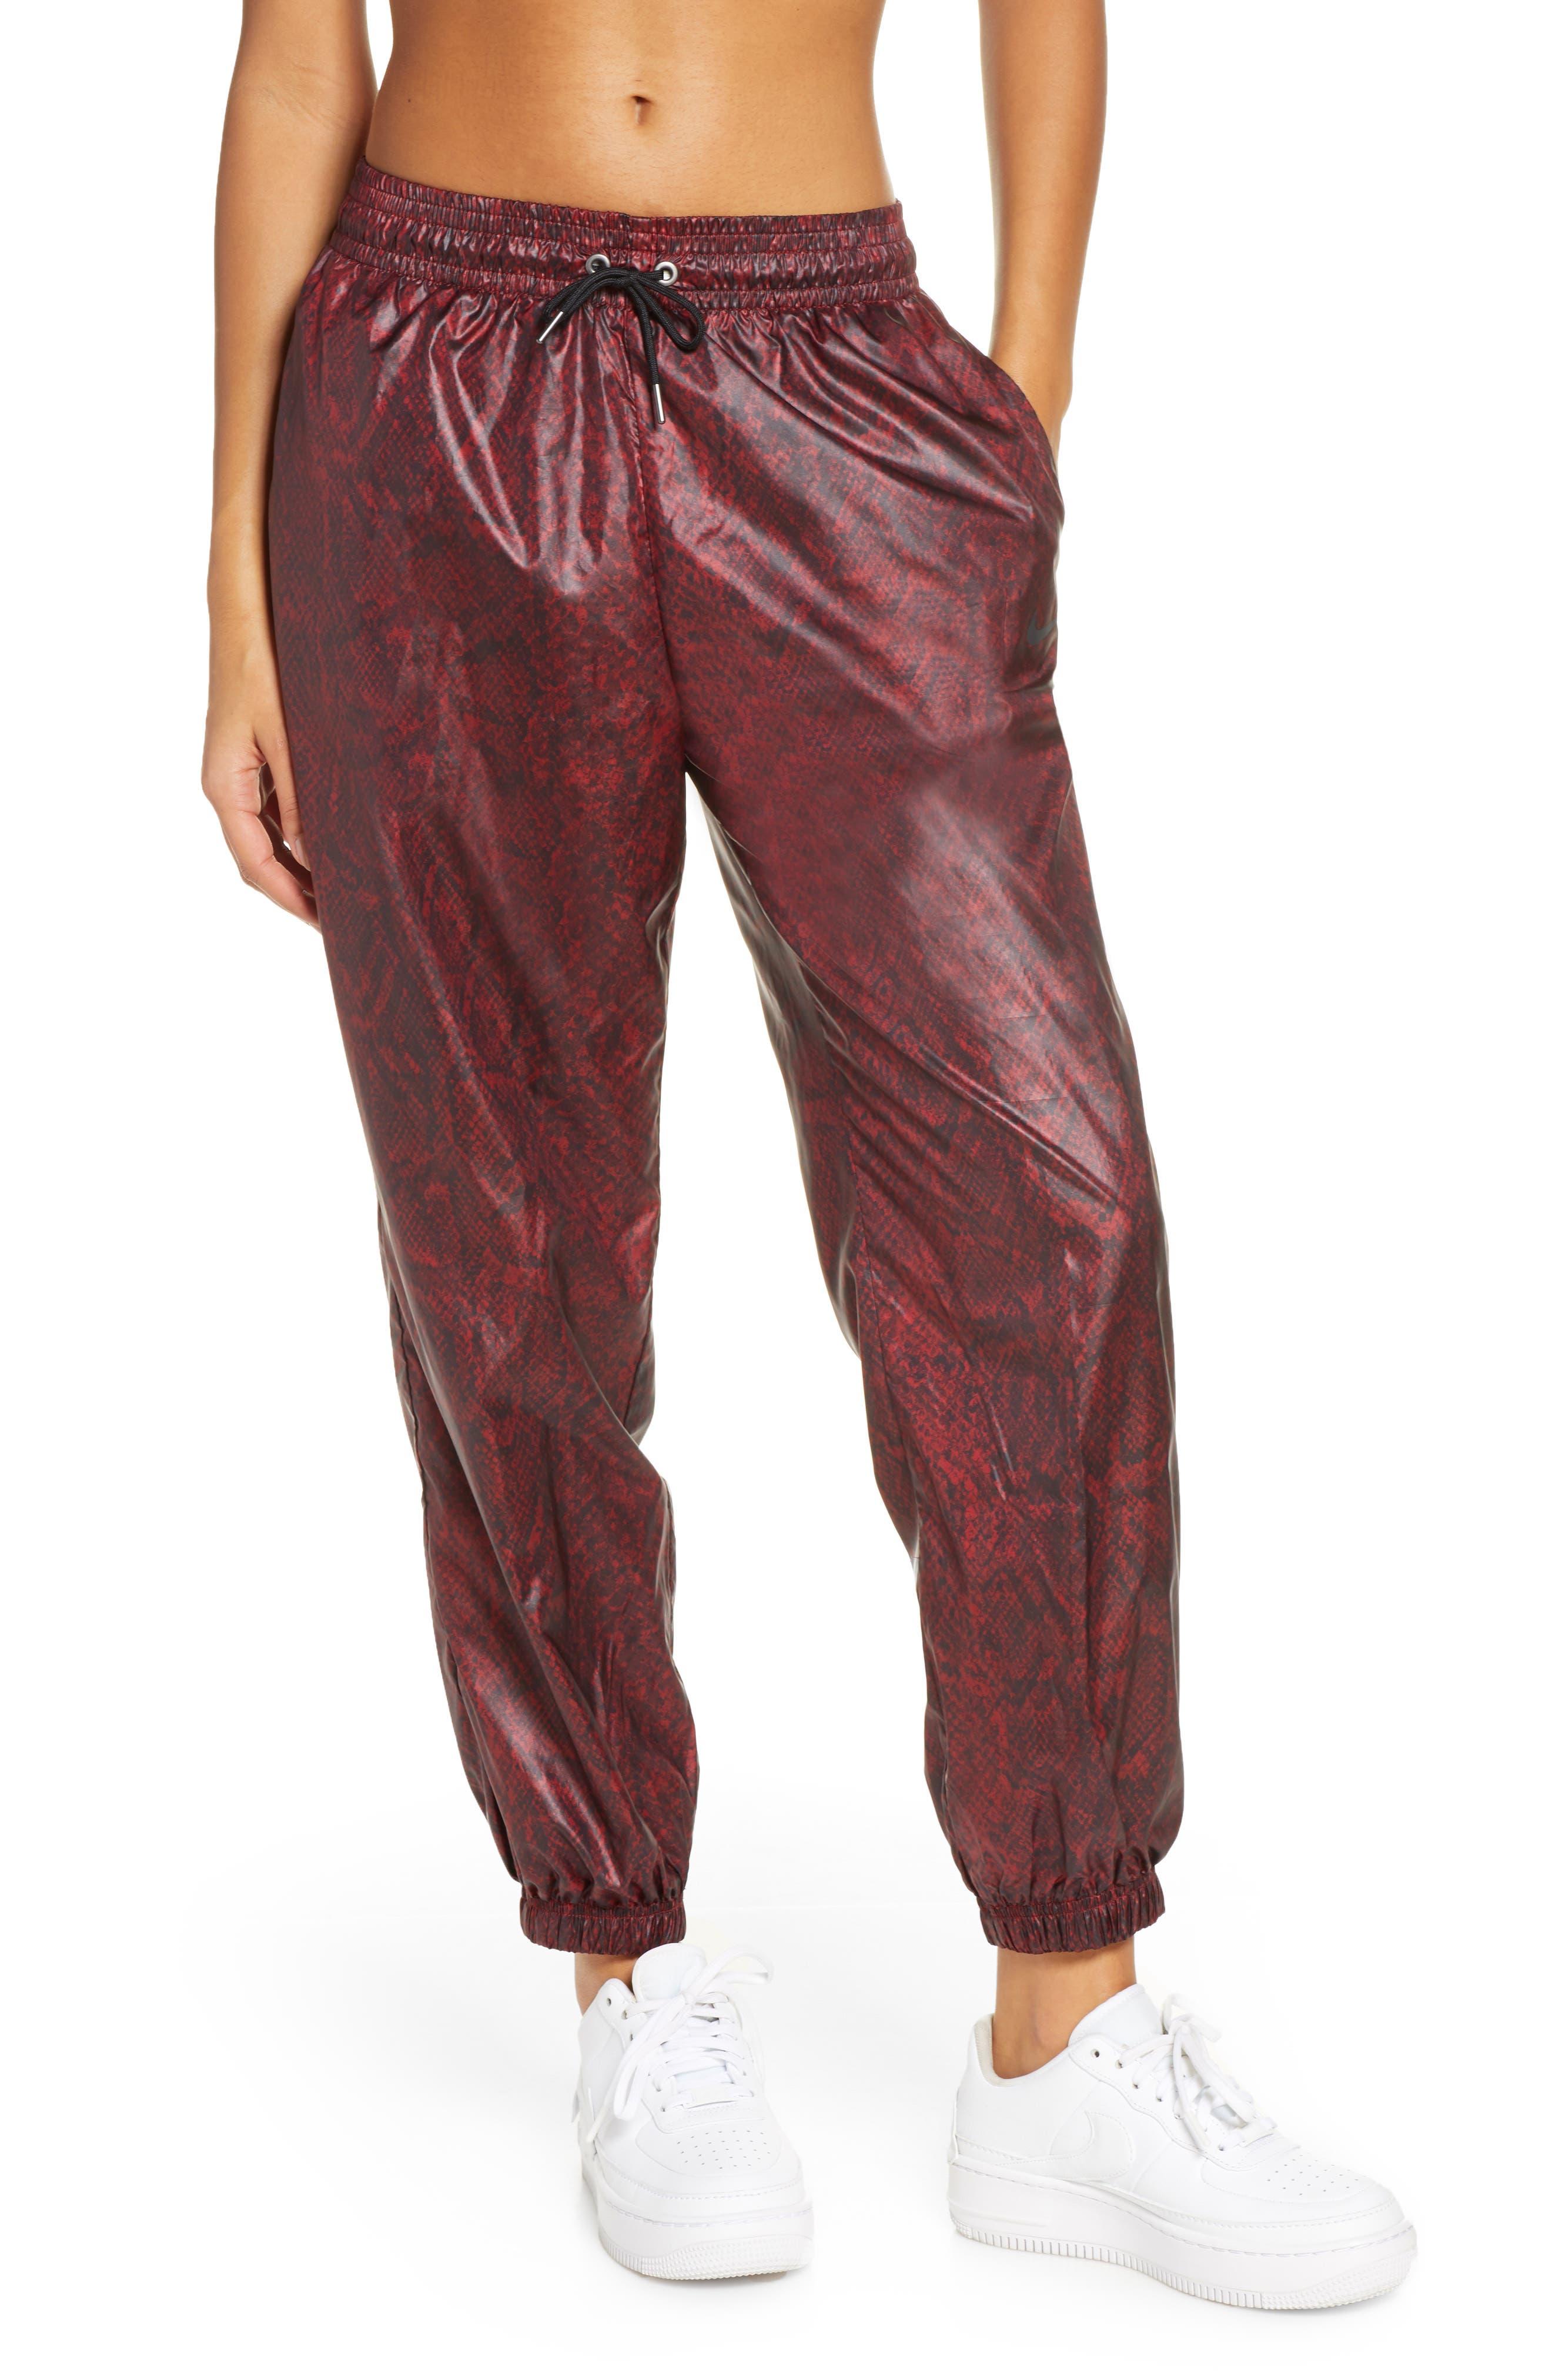 Nike Python Print Woven Pants